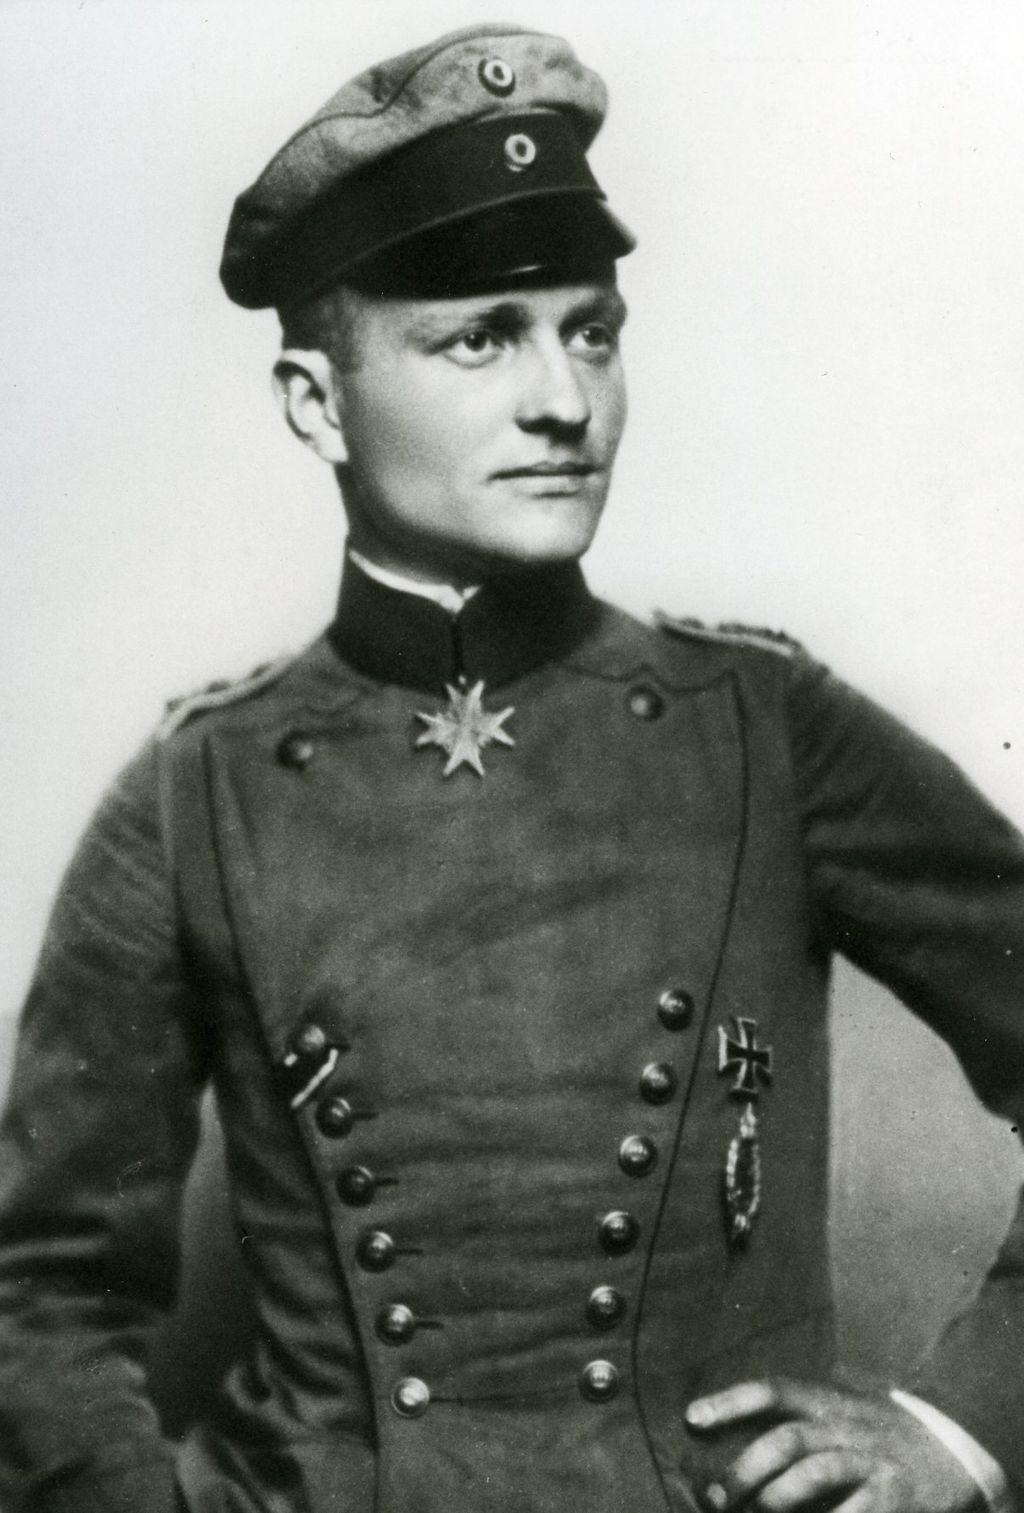 Манфред фон Рихтгофен Немецкий лётчик-истребитель асс на фронте